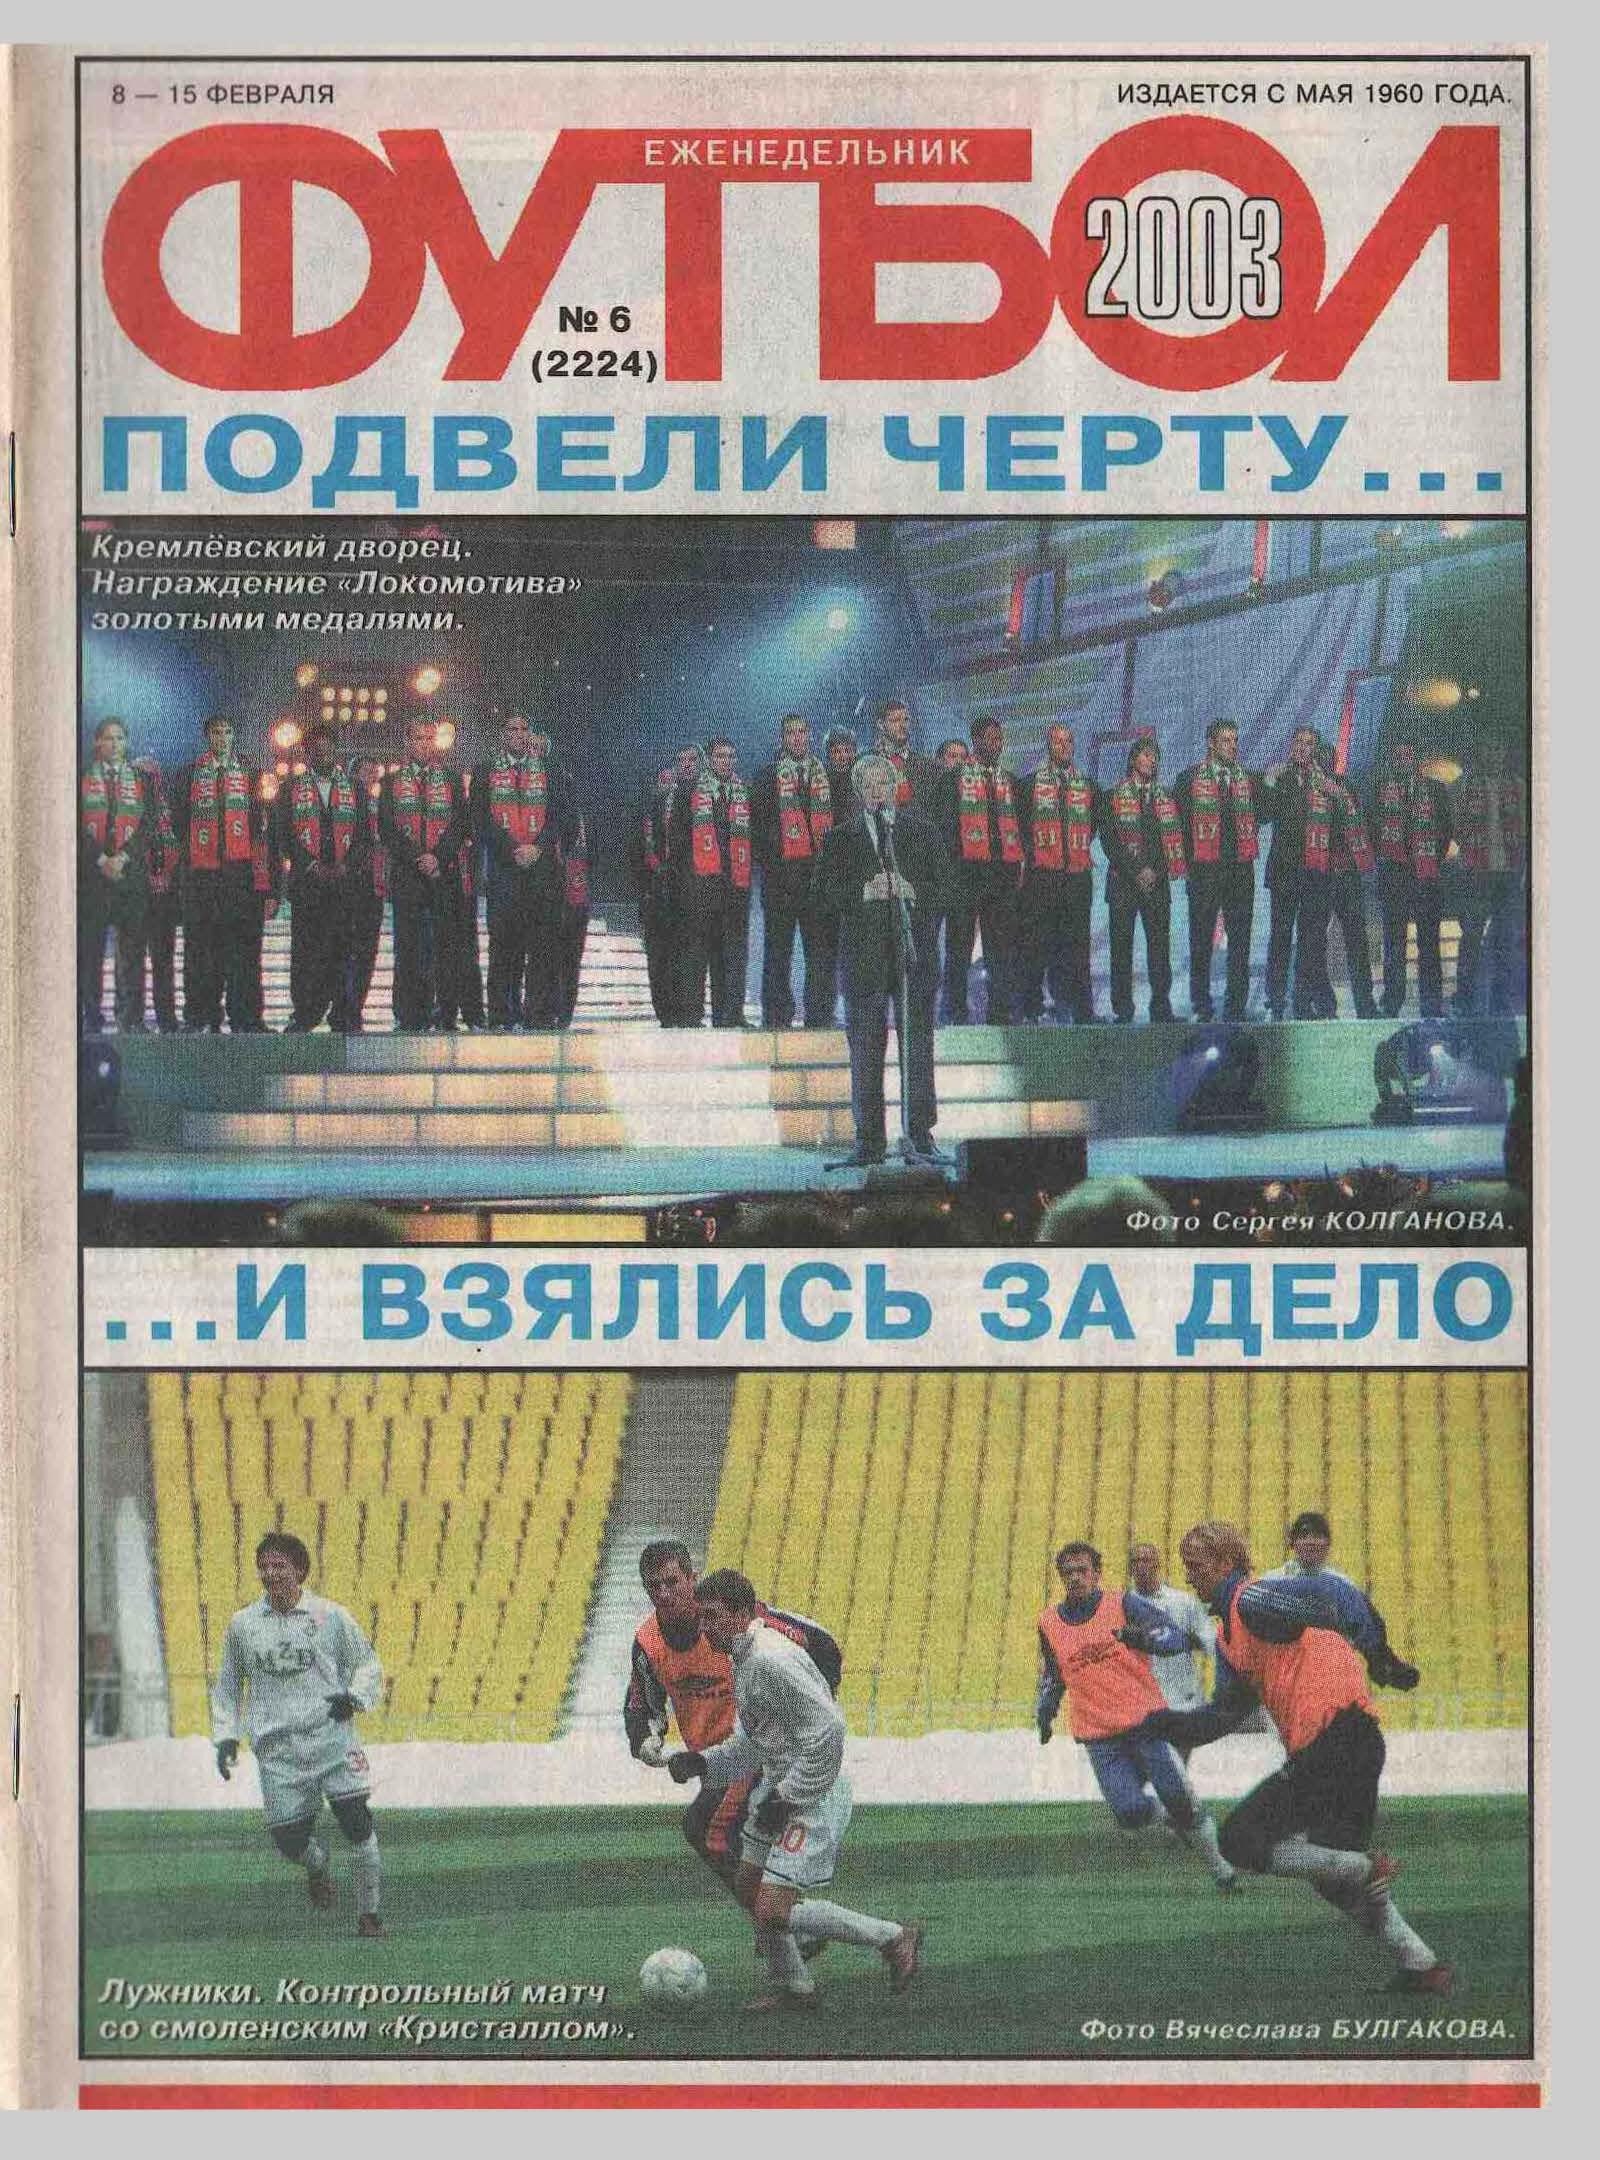 ЦСКА – чемпион, увольнение Газзаева, «Рубин» – бронзовый призер. 2003 год в обложках еженедельника «Футбол»